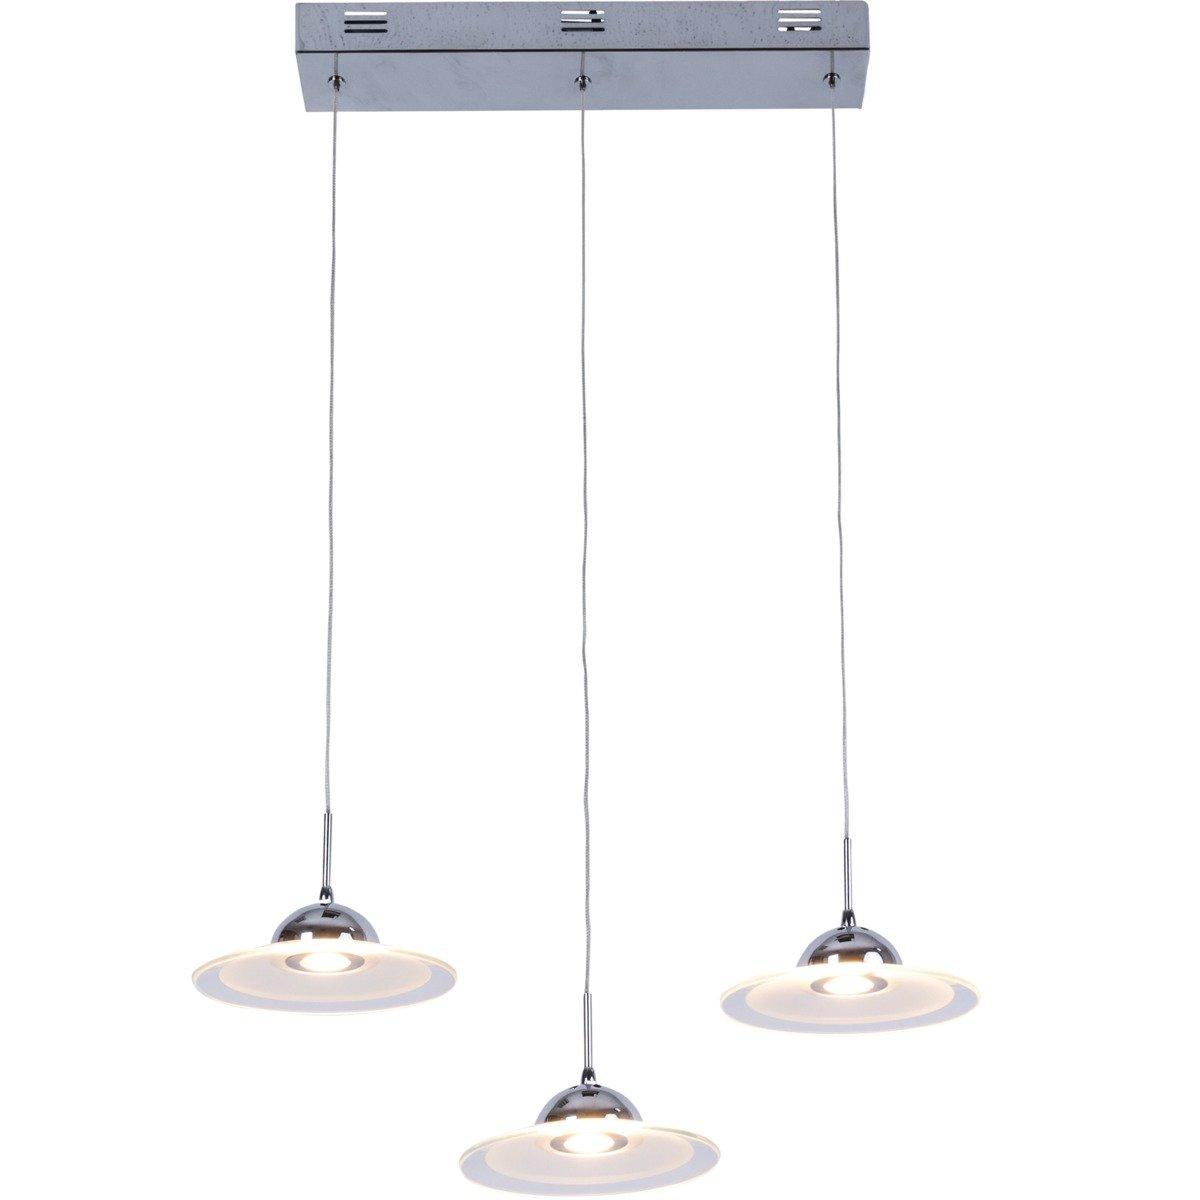 Schlafzimmer Lampe Lumen. Bettwäsche Mako Satin Günstig